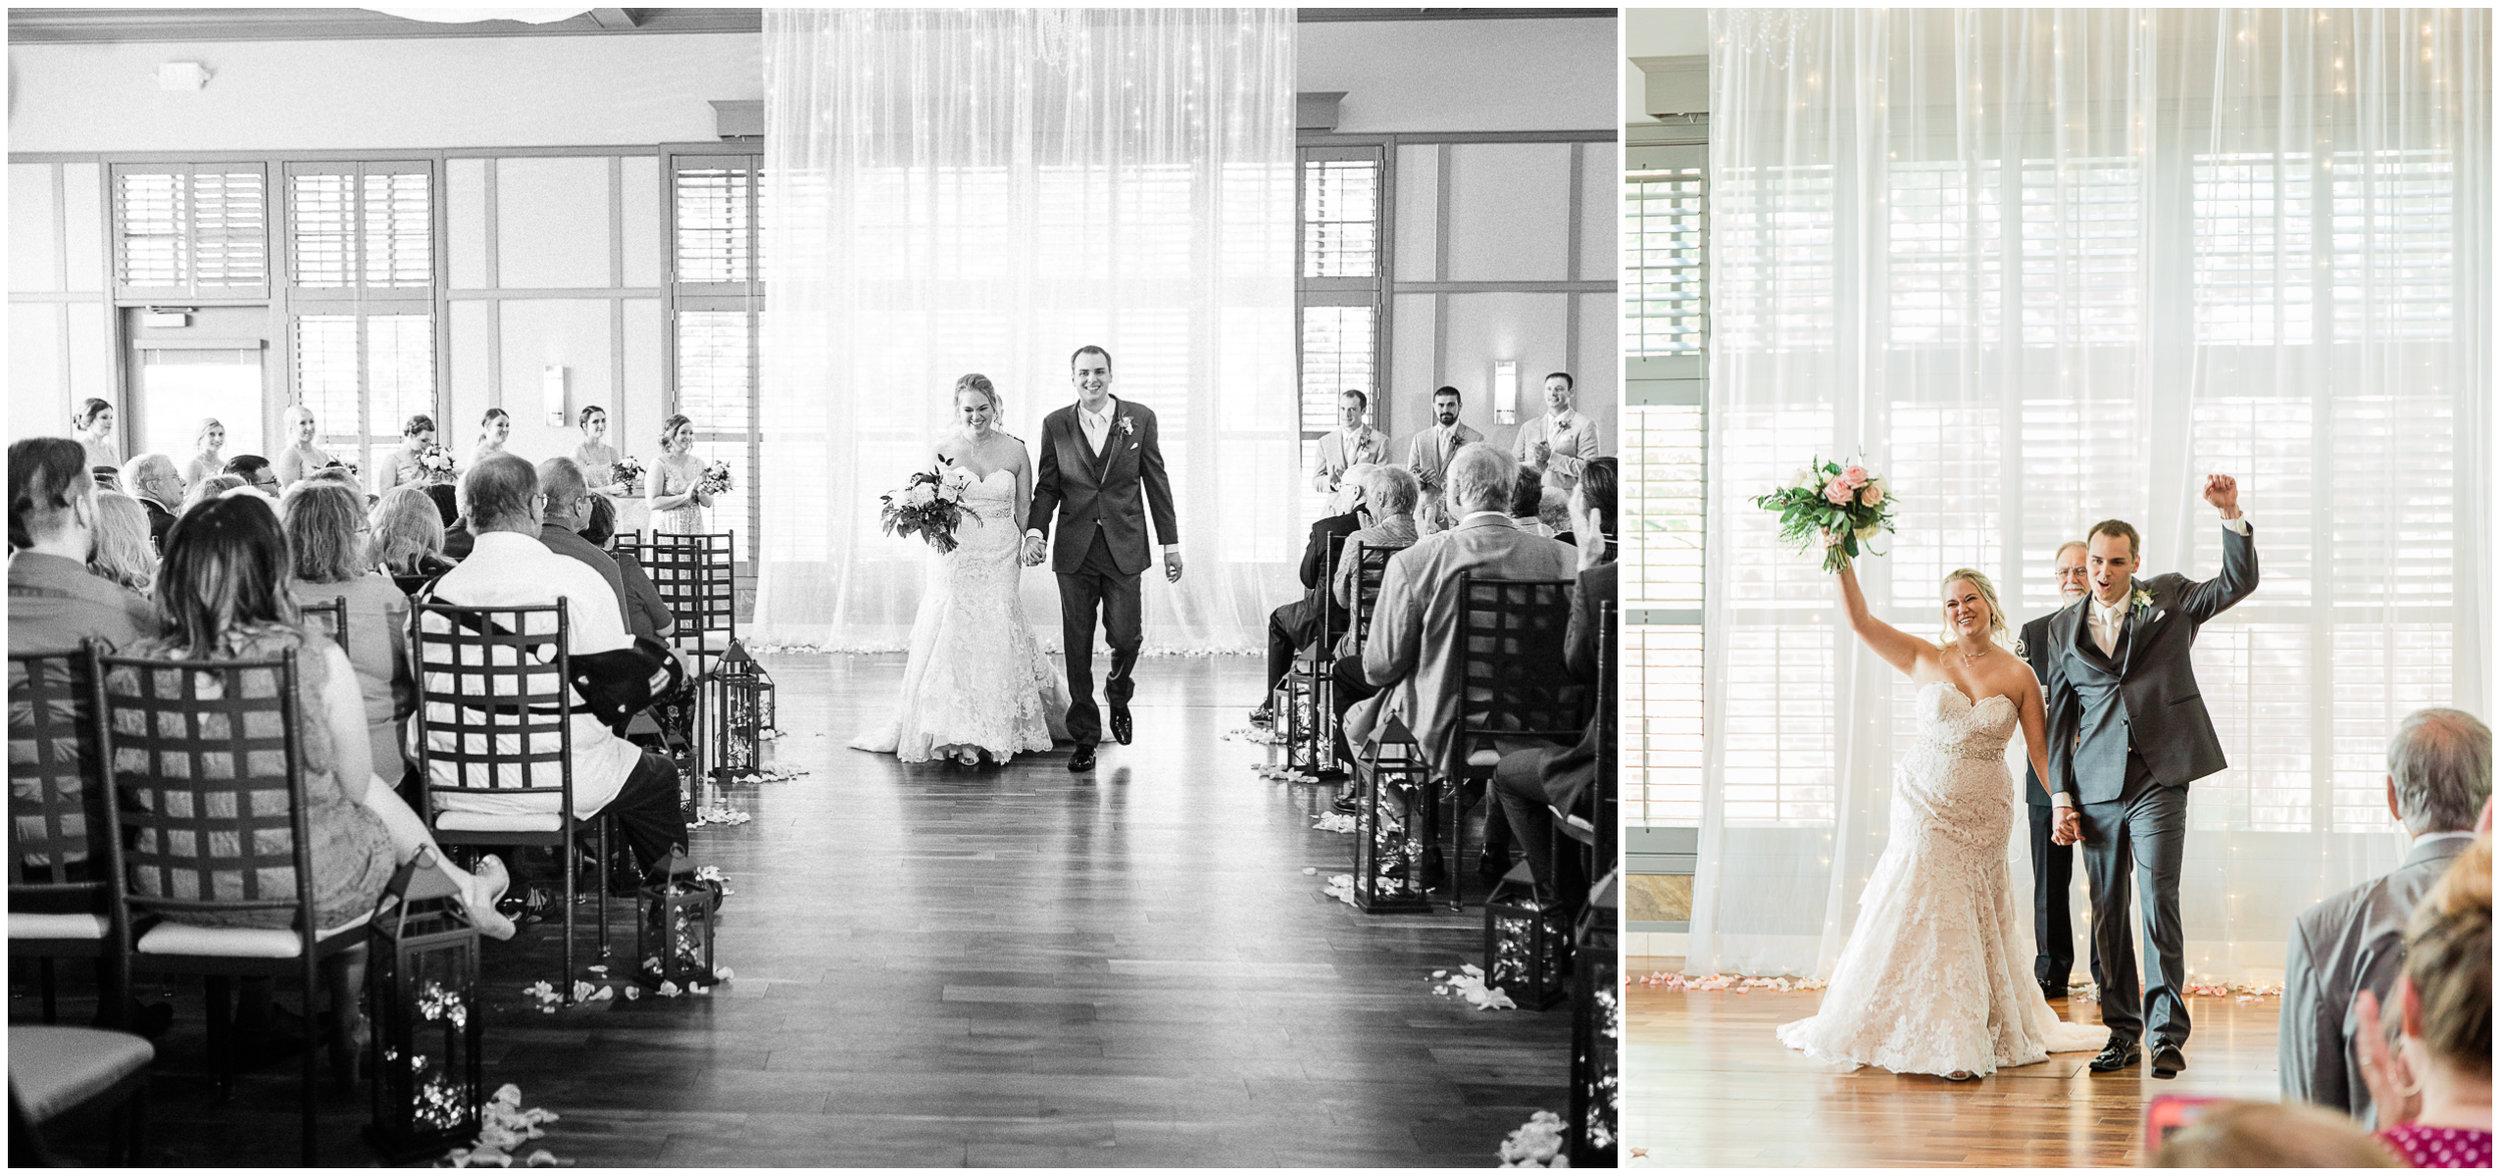 minocqua-wisconsin-wedding-photographer-rhinelander-eagle-river-senior-photography-engagement-family-woodruf34.jpg